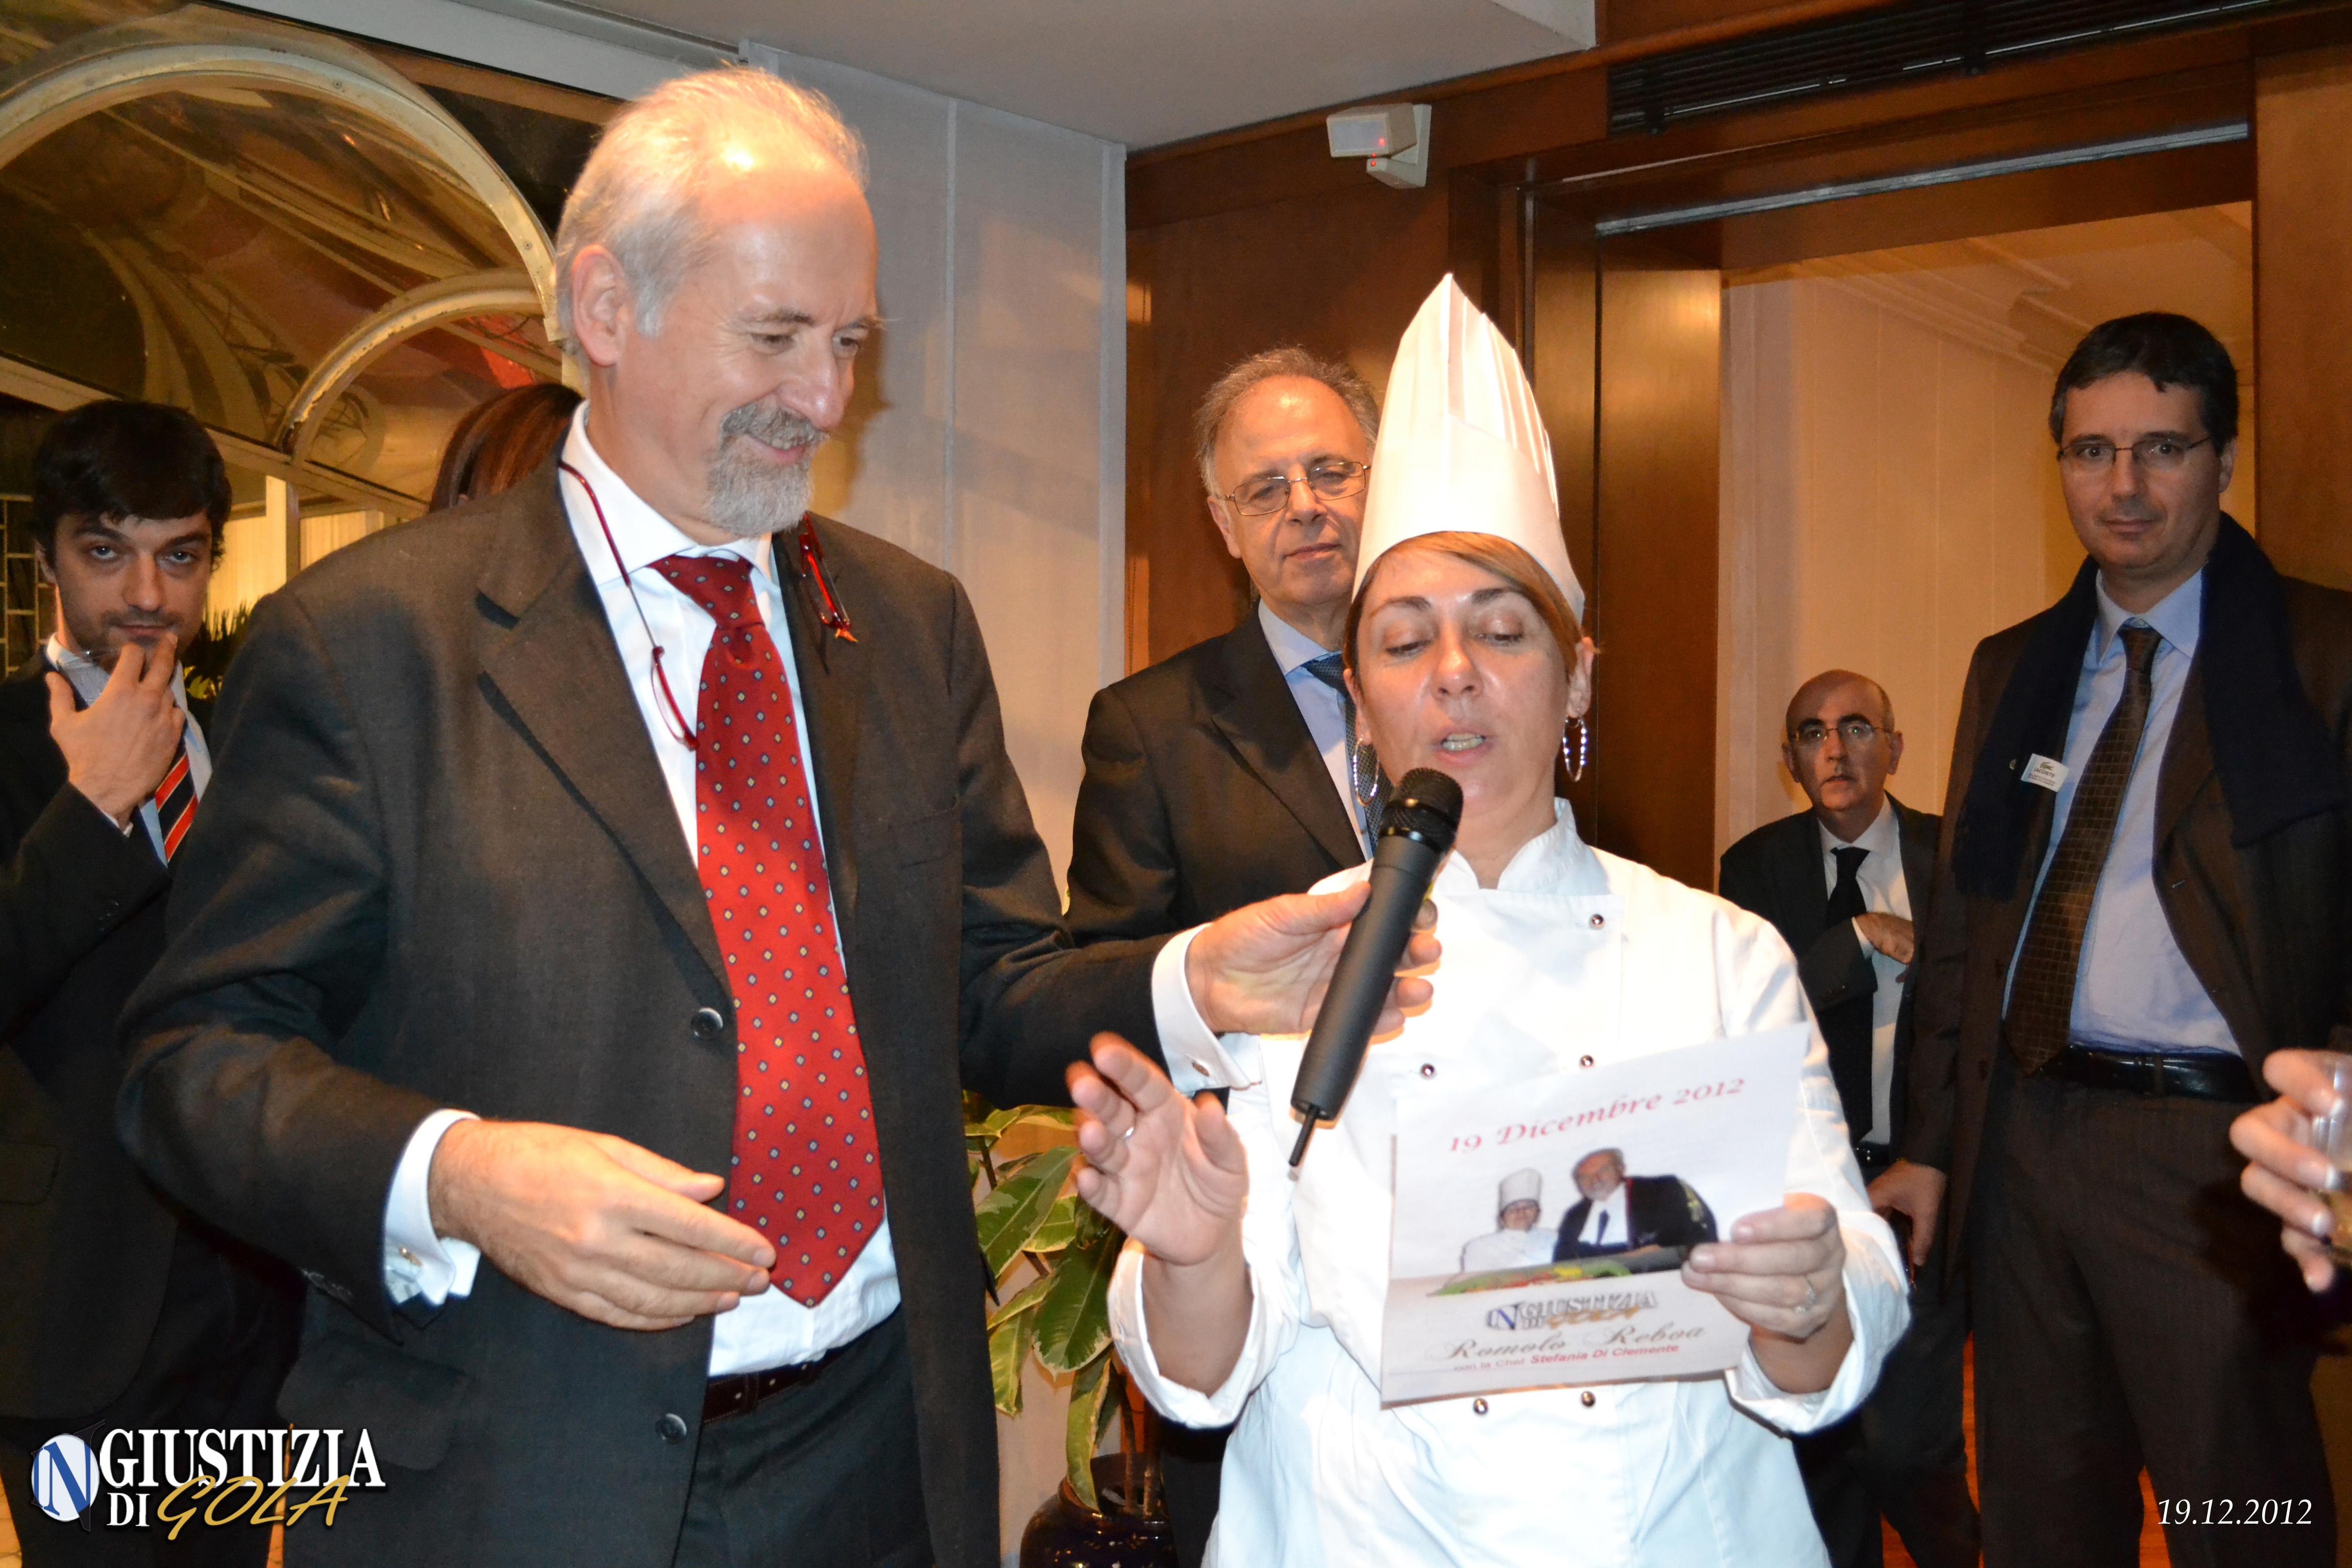 L'avv. Romolo Reboa con la chef Stefania Di Clemente